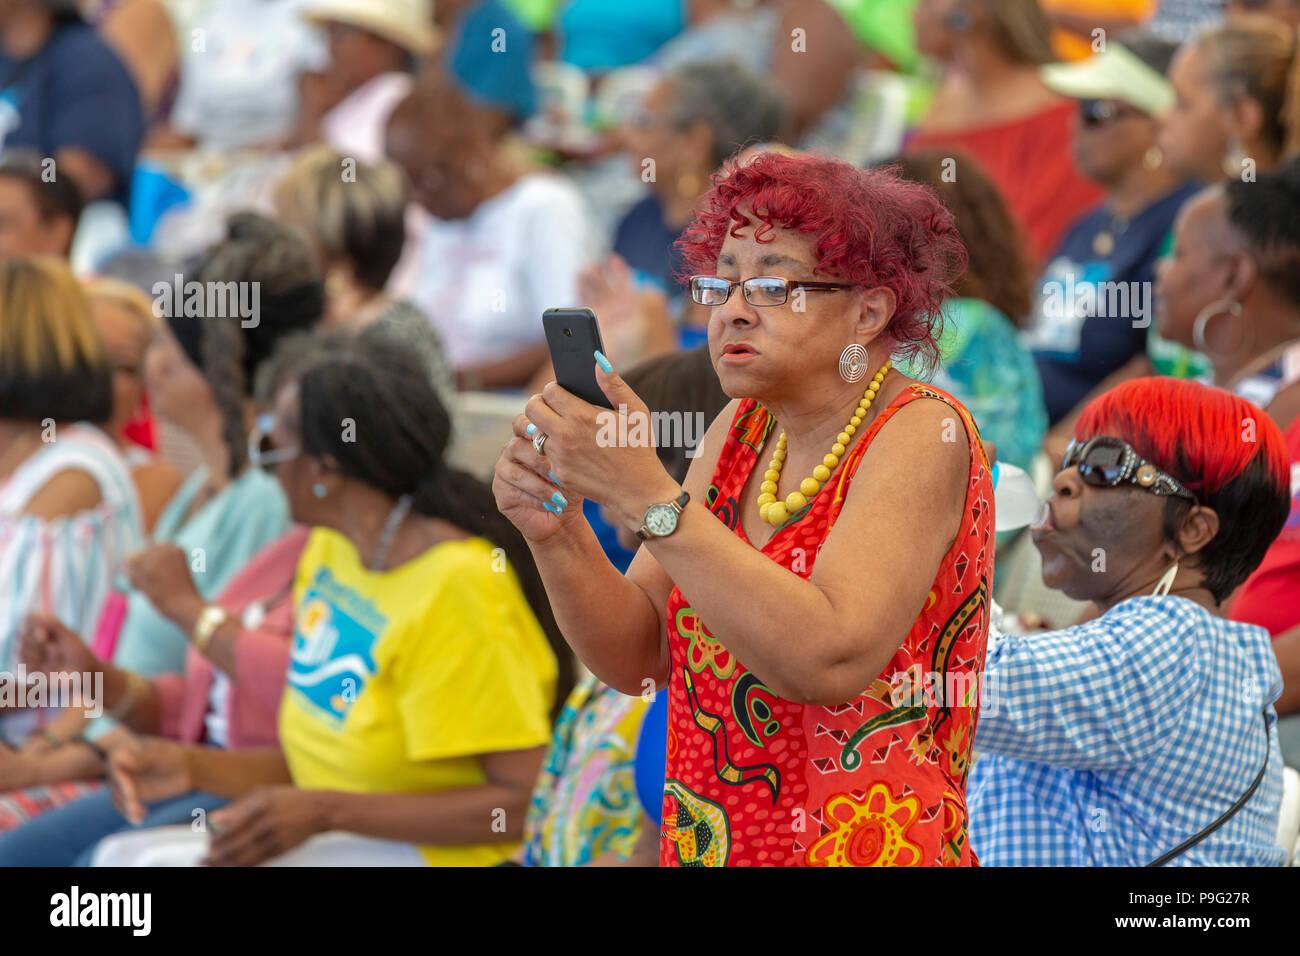 Detroit, Michigan - une femme utilise son téléphone portable pour filmer l'action au cours de la Journée de l'Amitié Senior, un événement qui a réuni plusieurs milliers de Senior Citizen Photo Stock